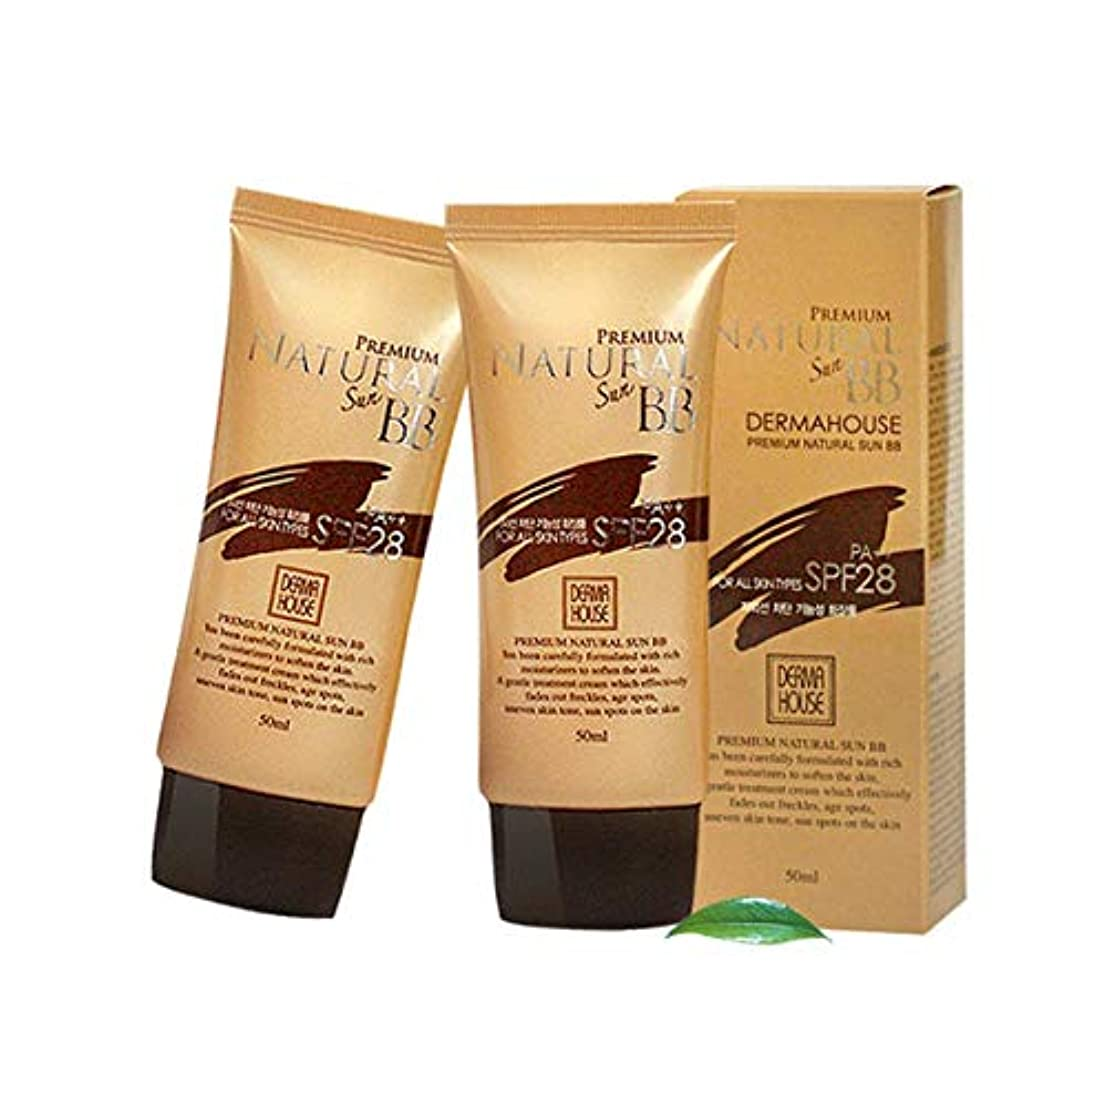 ダーマハウスプレミアムナチュラルサンBBクリーム 50mlx2本セット韓国コスメ、Derma House Premium Natural Sun BB Cream 50ml x 2ea Set Korean Cosmetics...